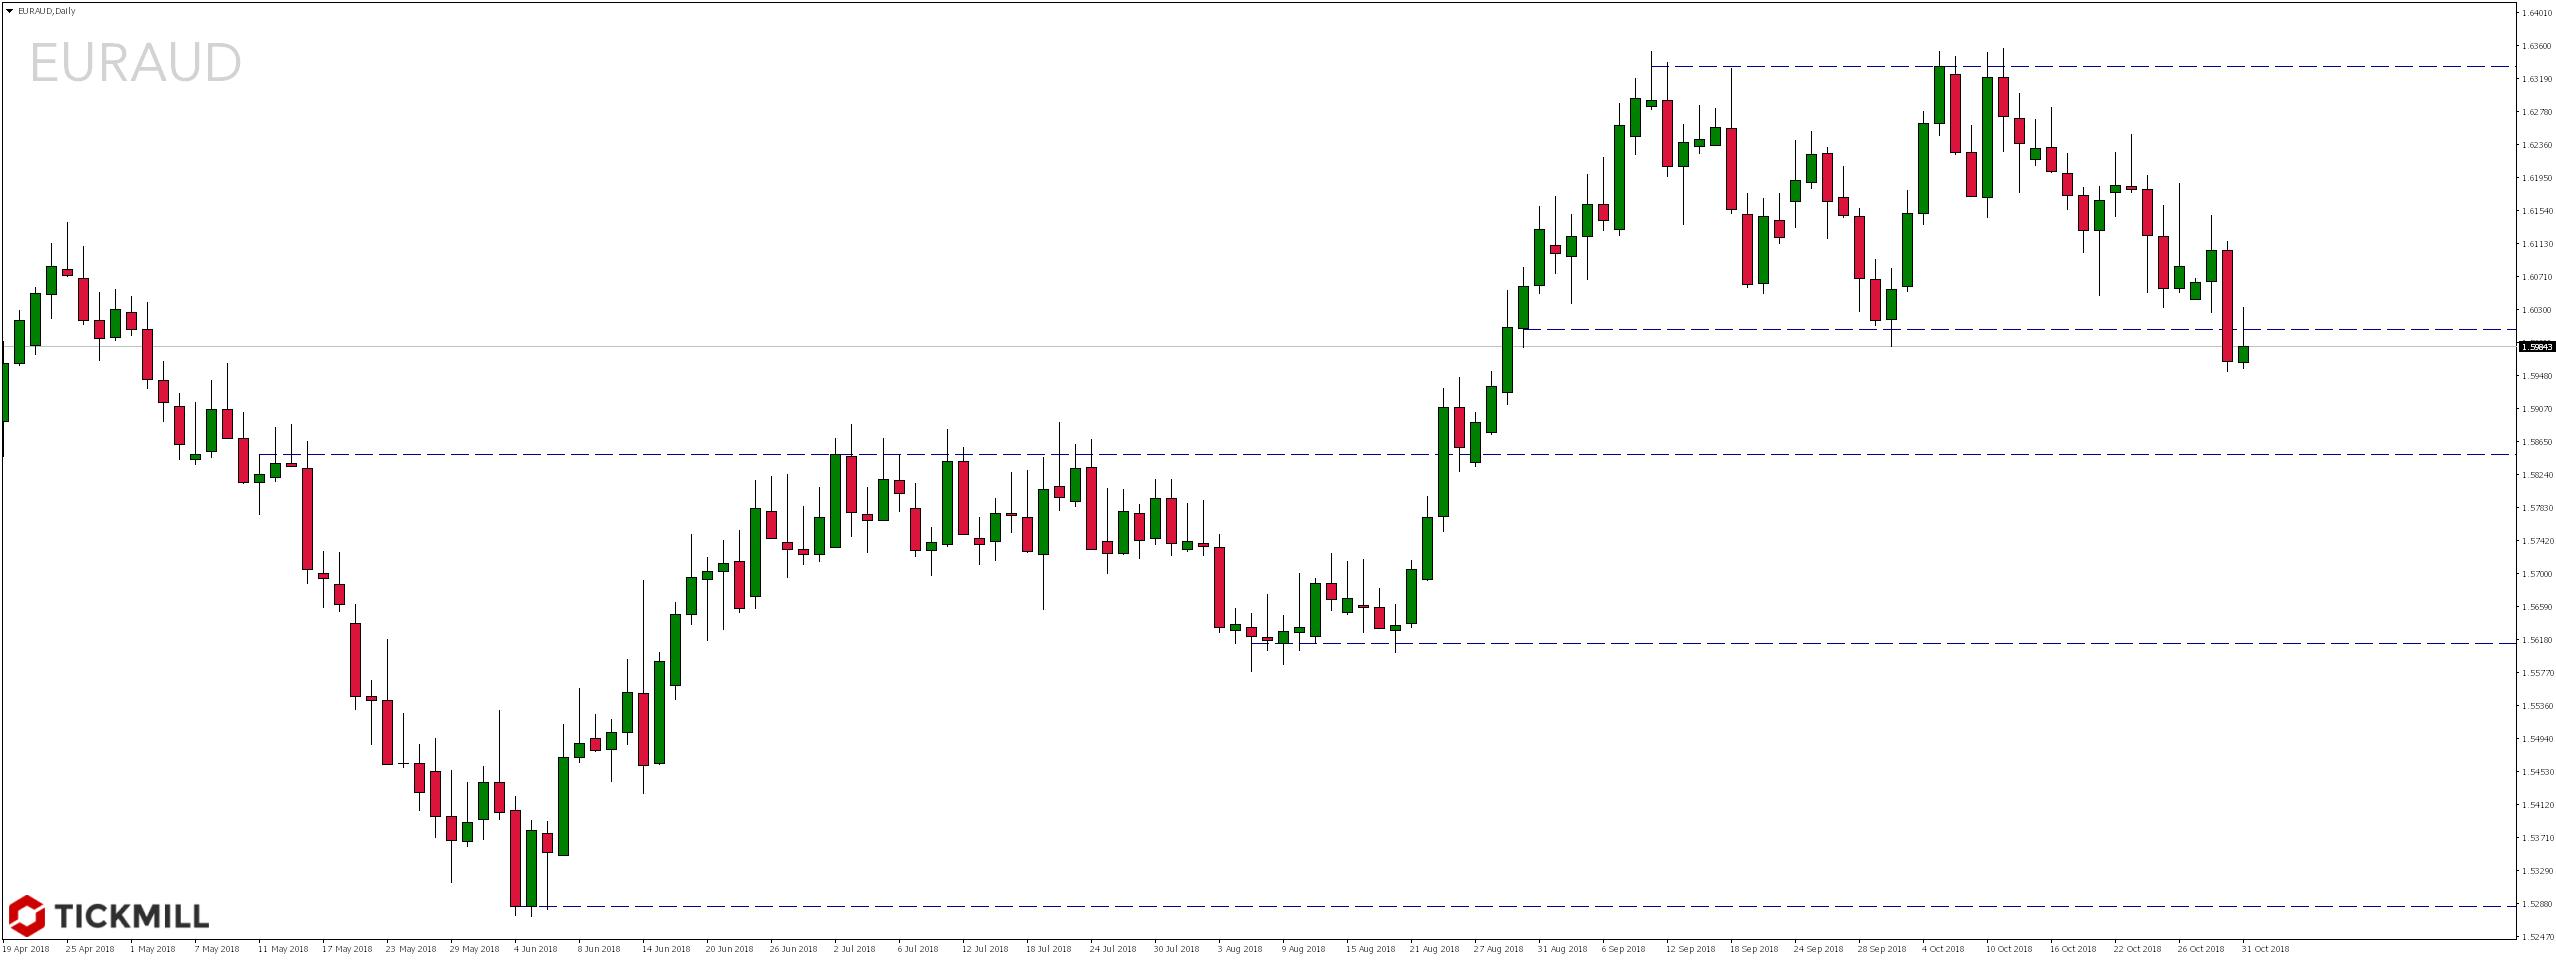 Najciekawsze setupy dnia – 31.10.2018 - notowania pary walutowej EURAUD